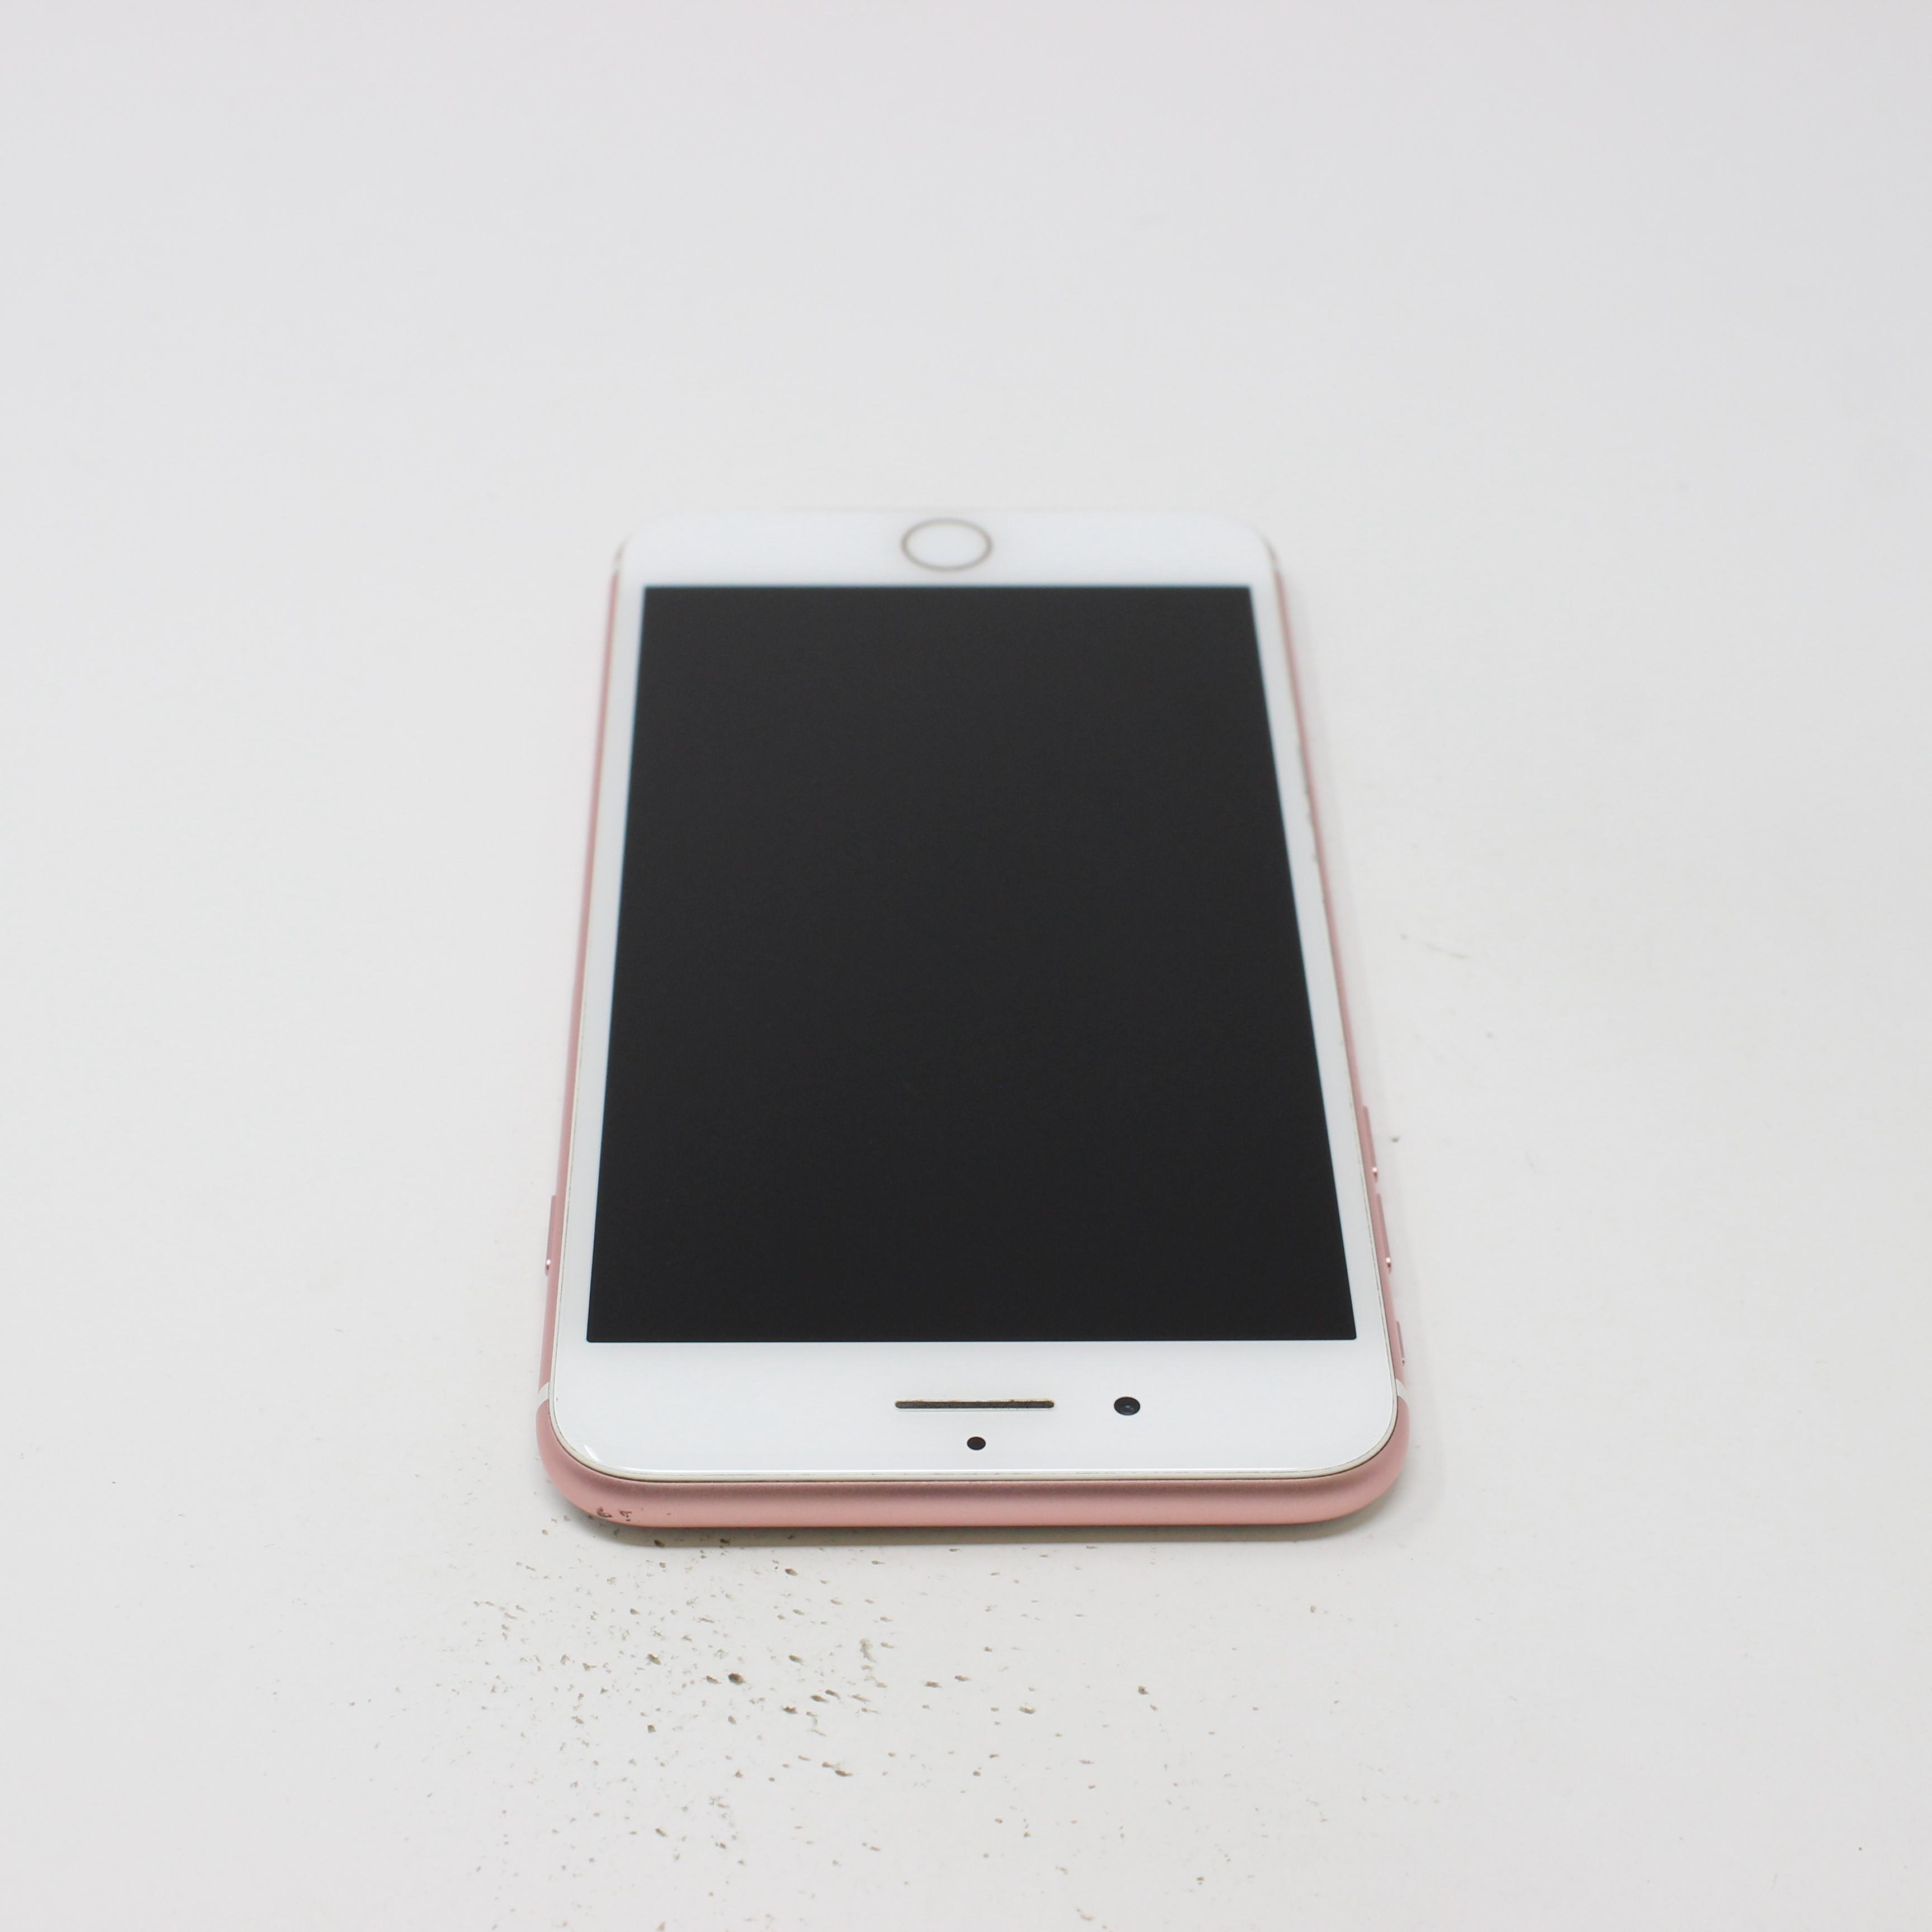 iPhone 7 Plus 32GB Rose Gold - T-Mobile photo 4 | UpTradeit.com